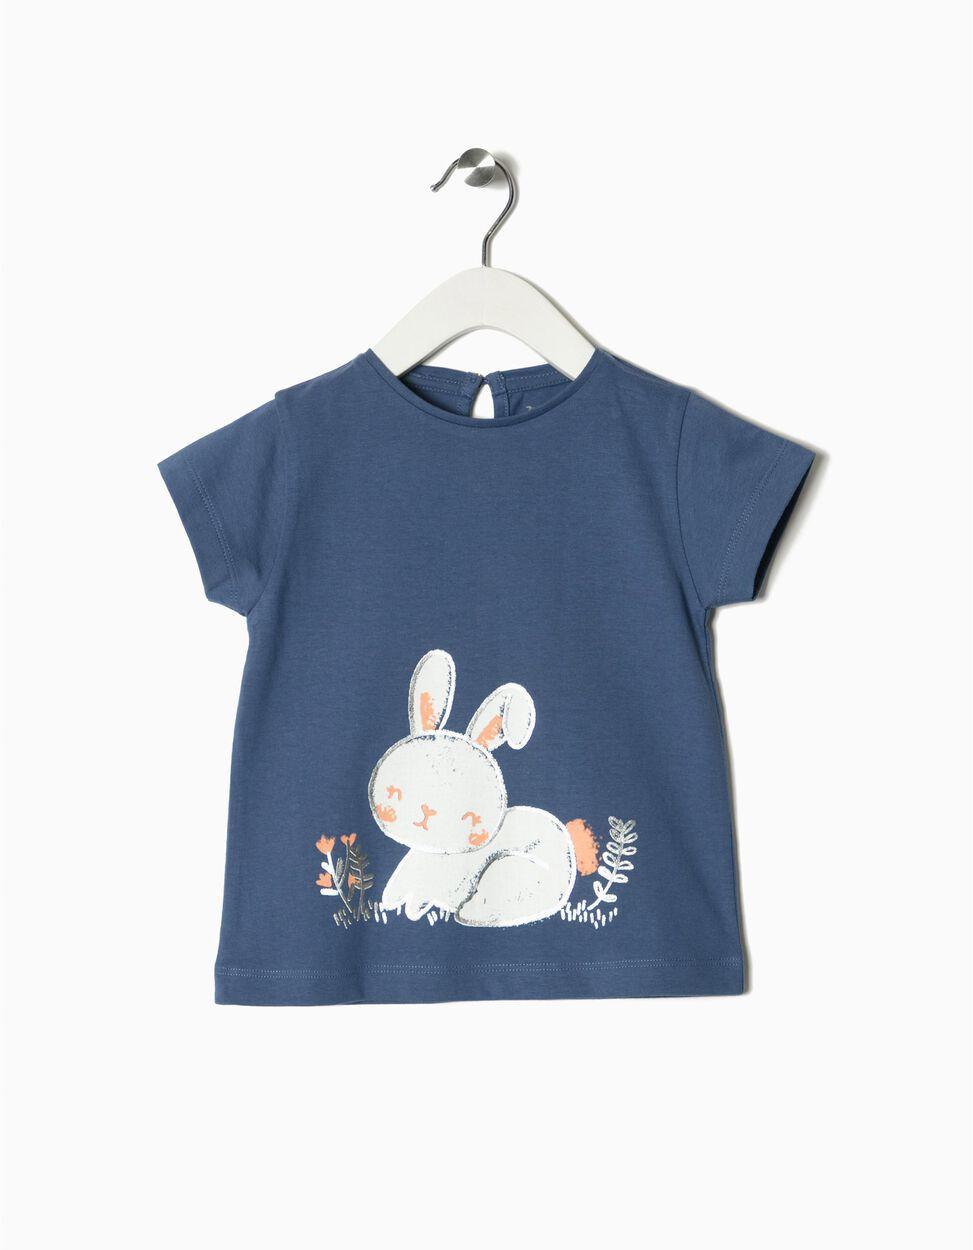 T-shirt coelhos